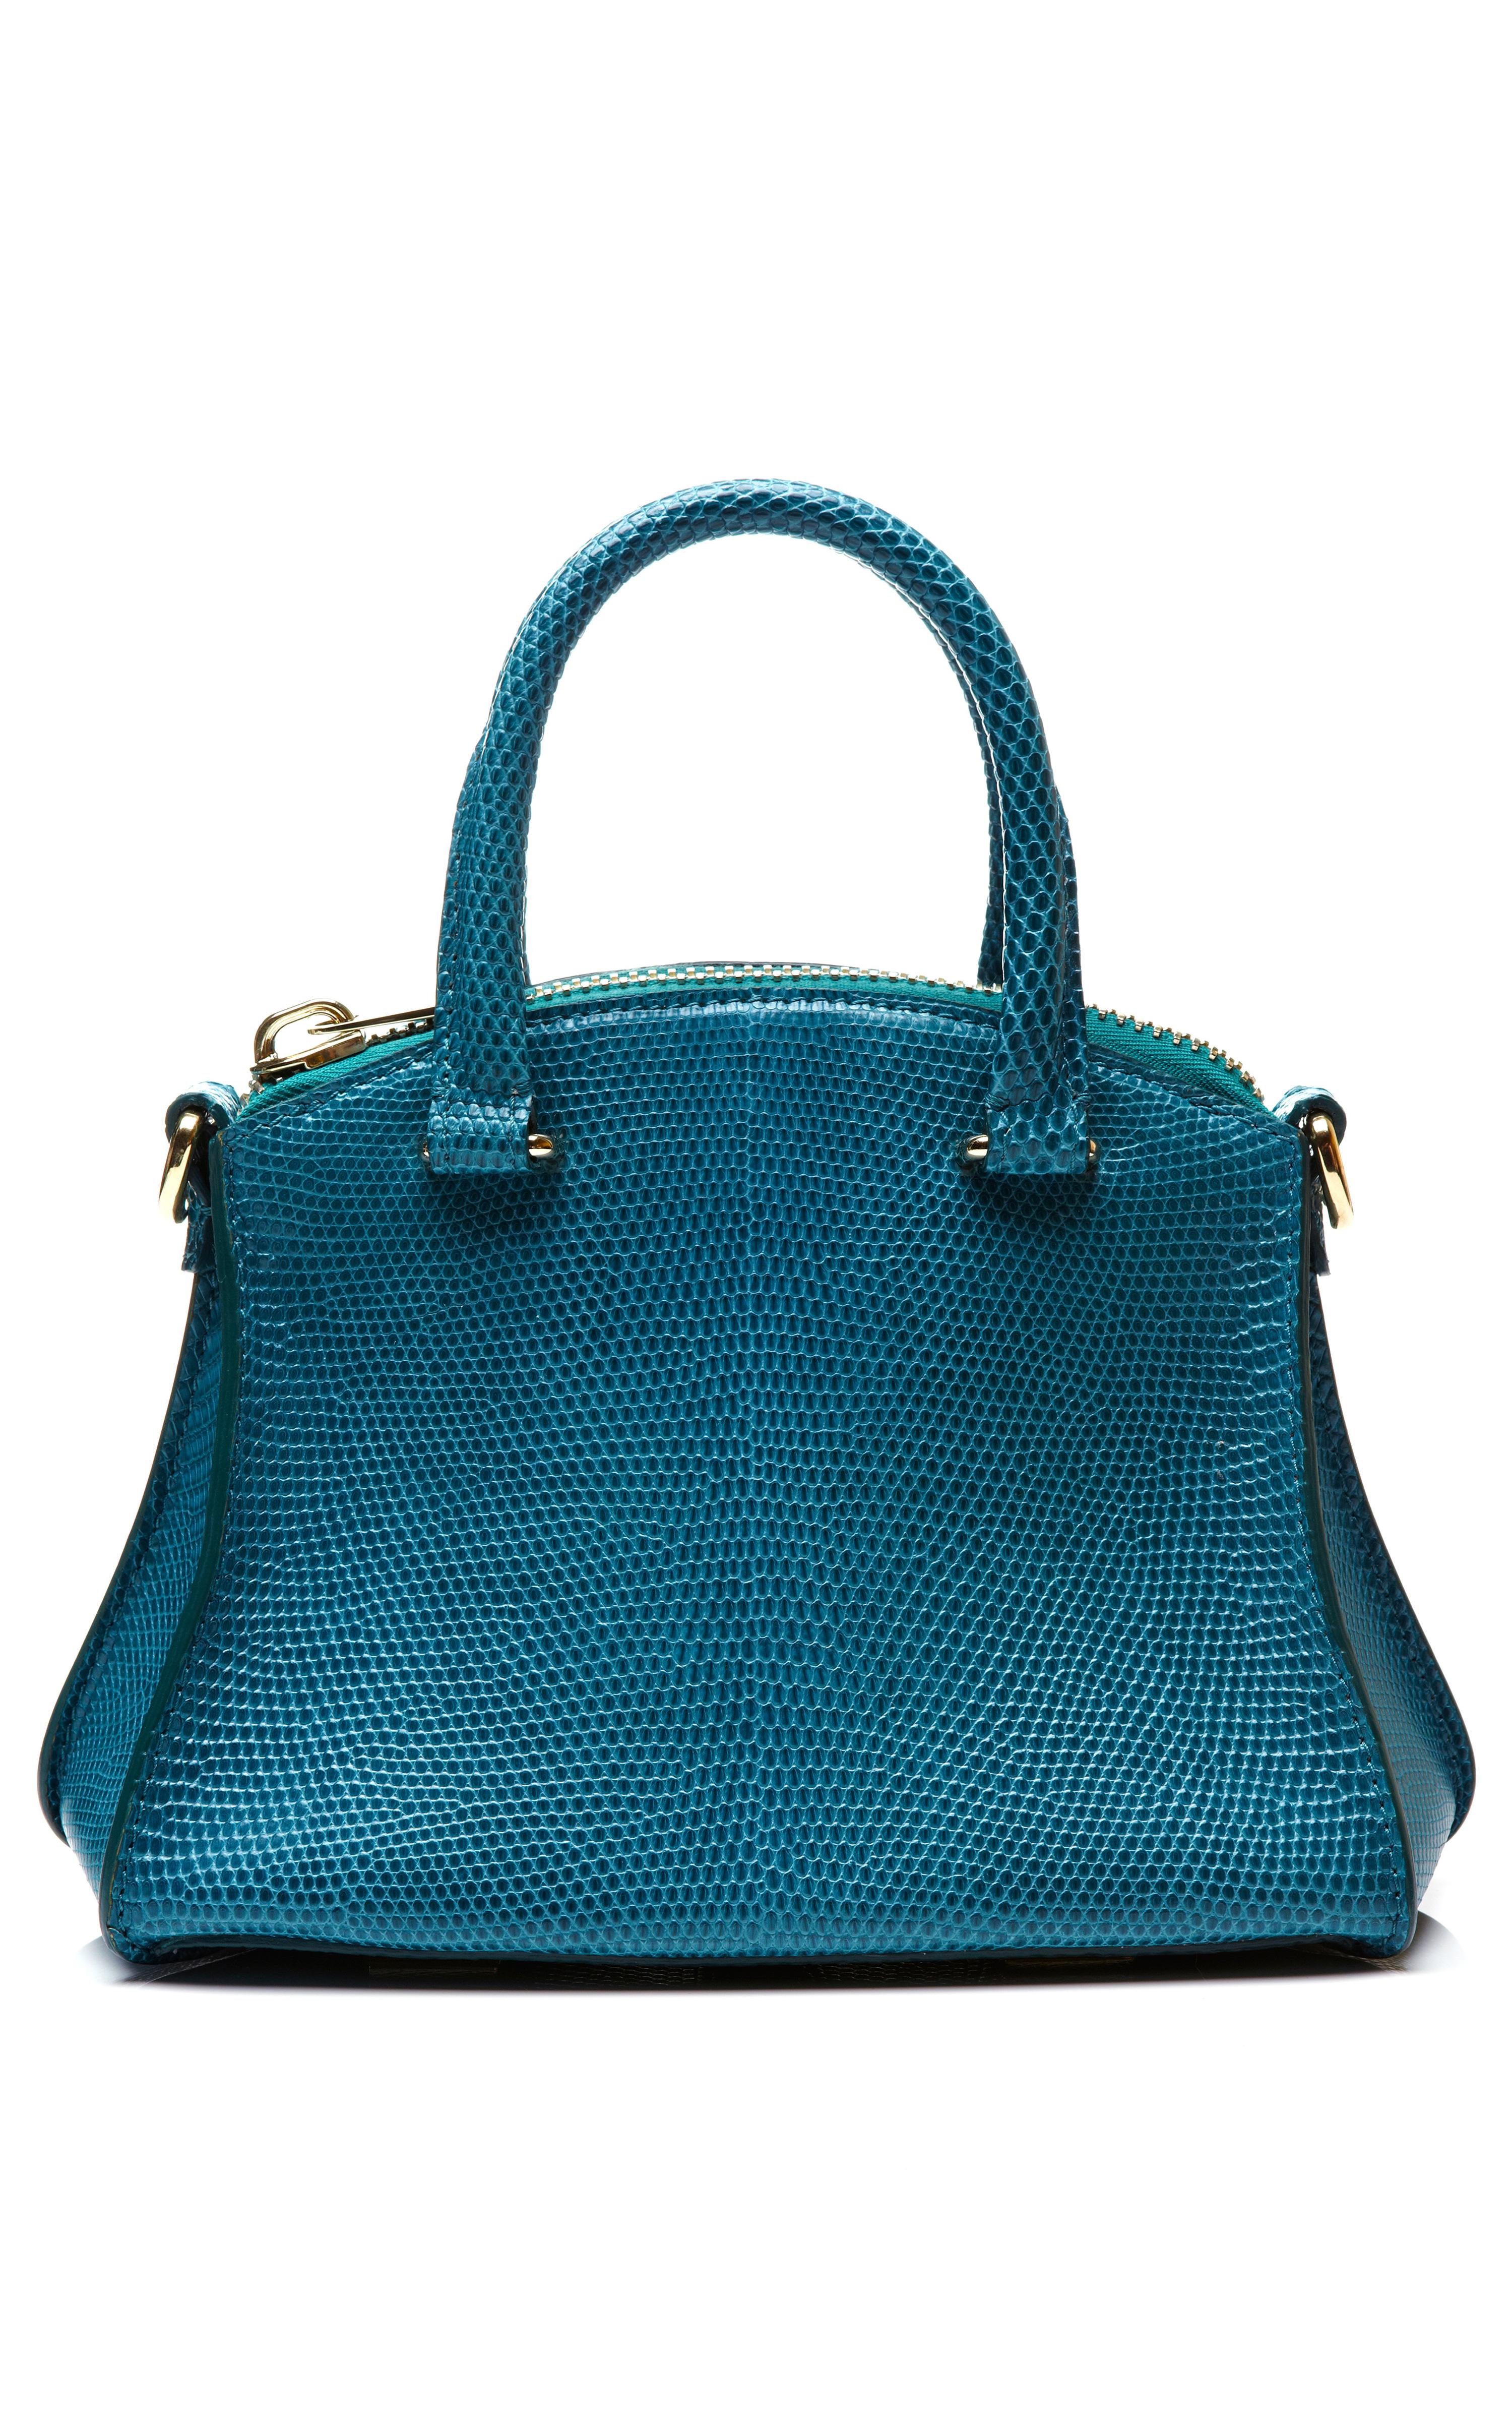 Lyst - Vbh Trevi Handbag in Surf in Blue